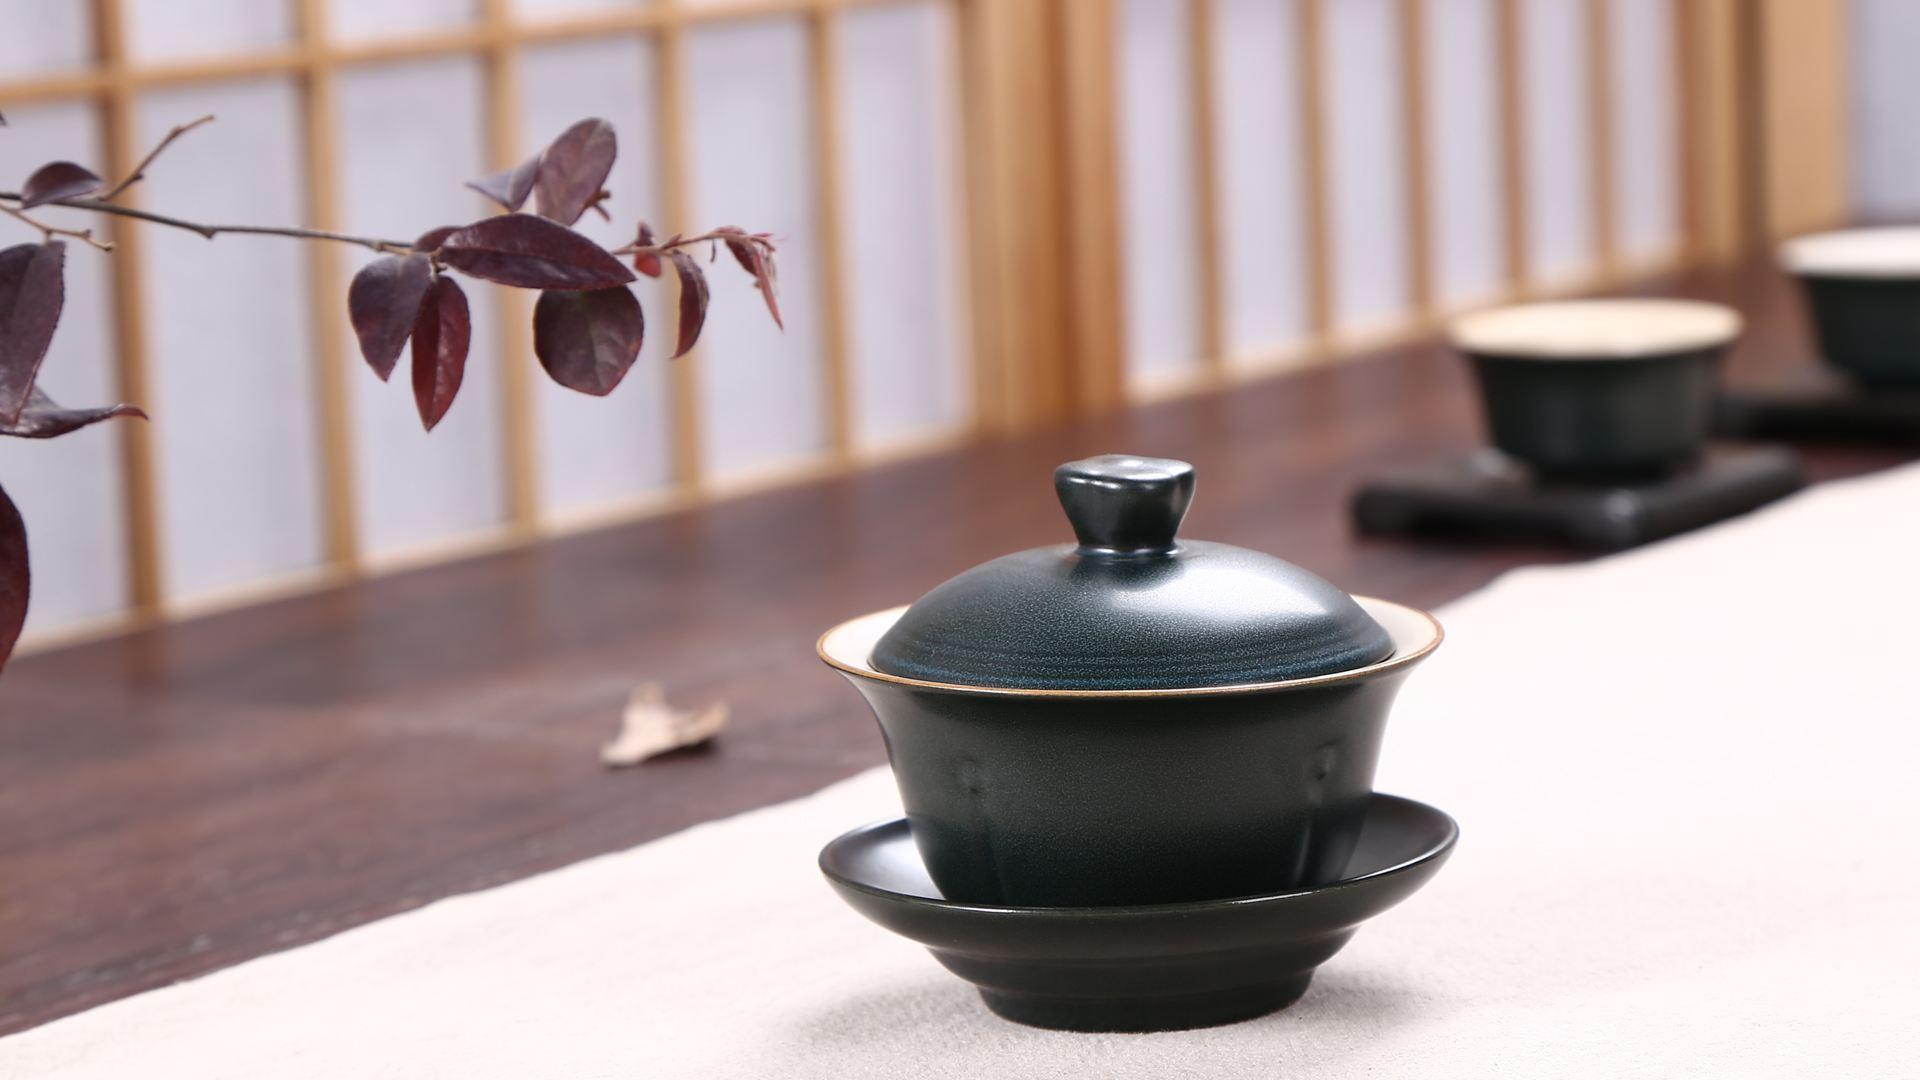 五大常见茶具种类介绍喜欢喝茶的一定要选择一件放在家中